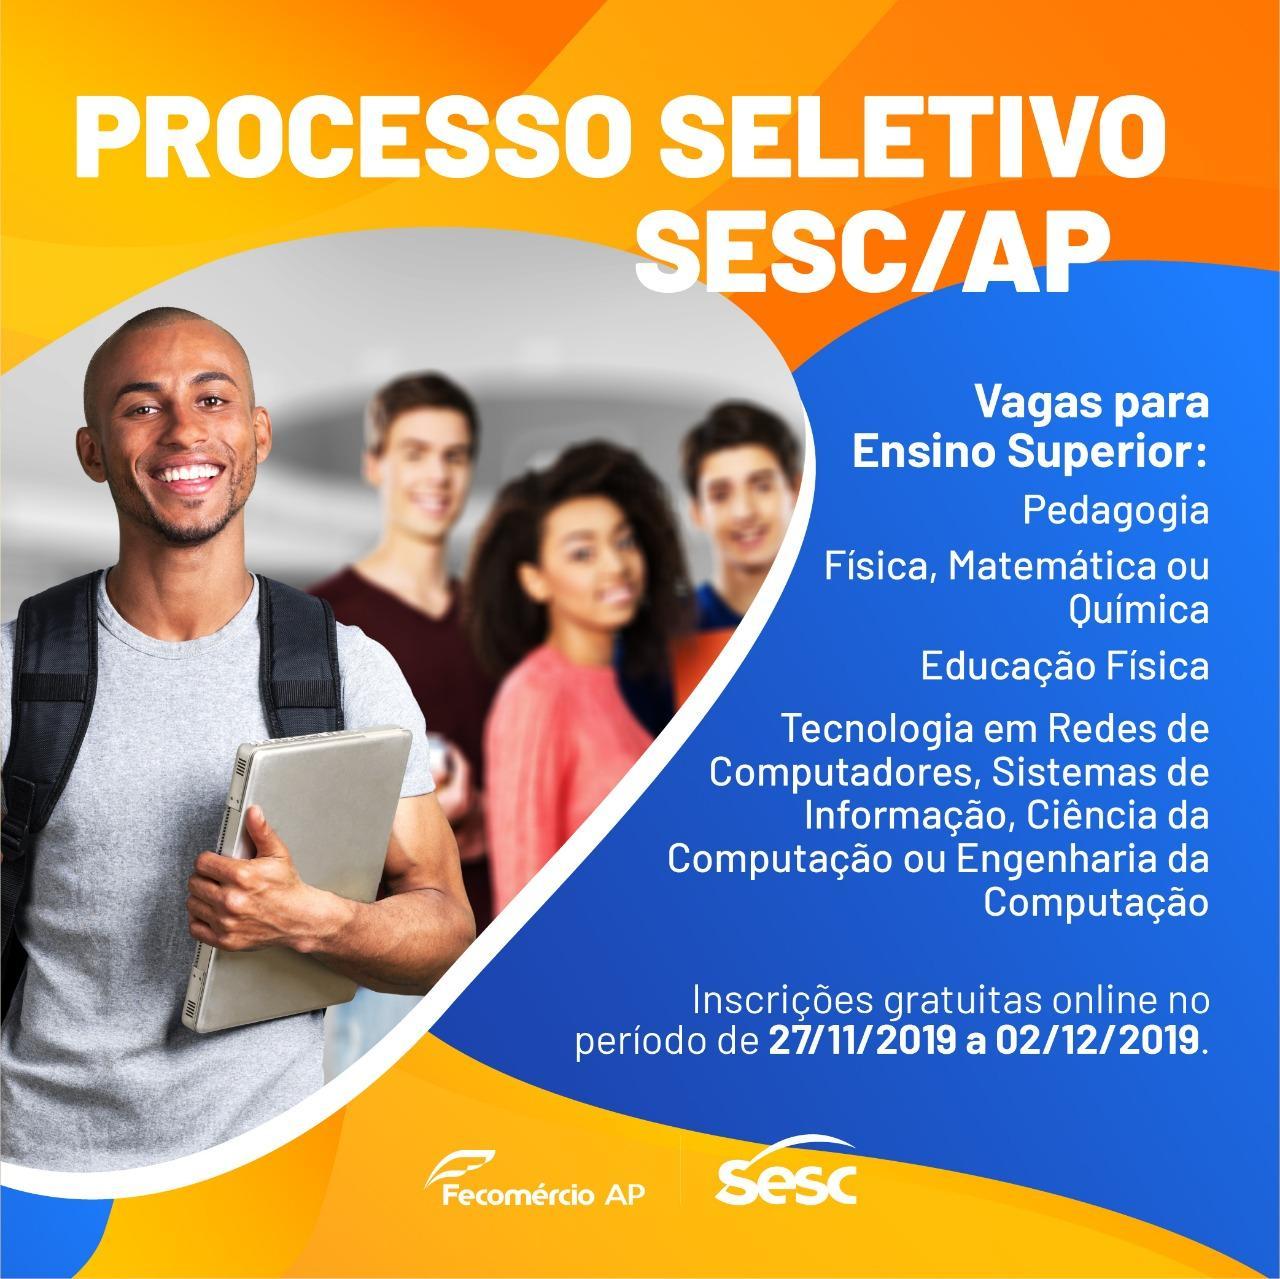 Processo Seletivo Sesc/AP nº 026/2019 - Estágio de Ensino Superior